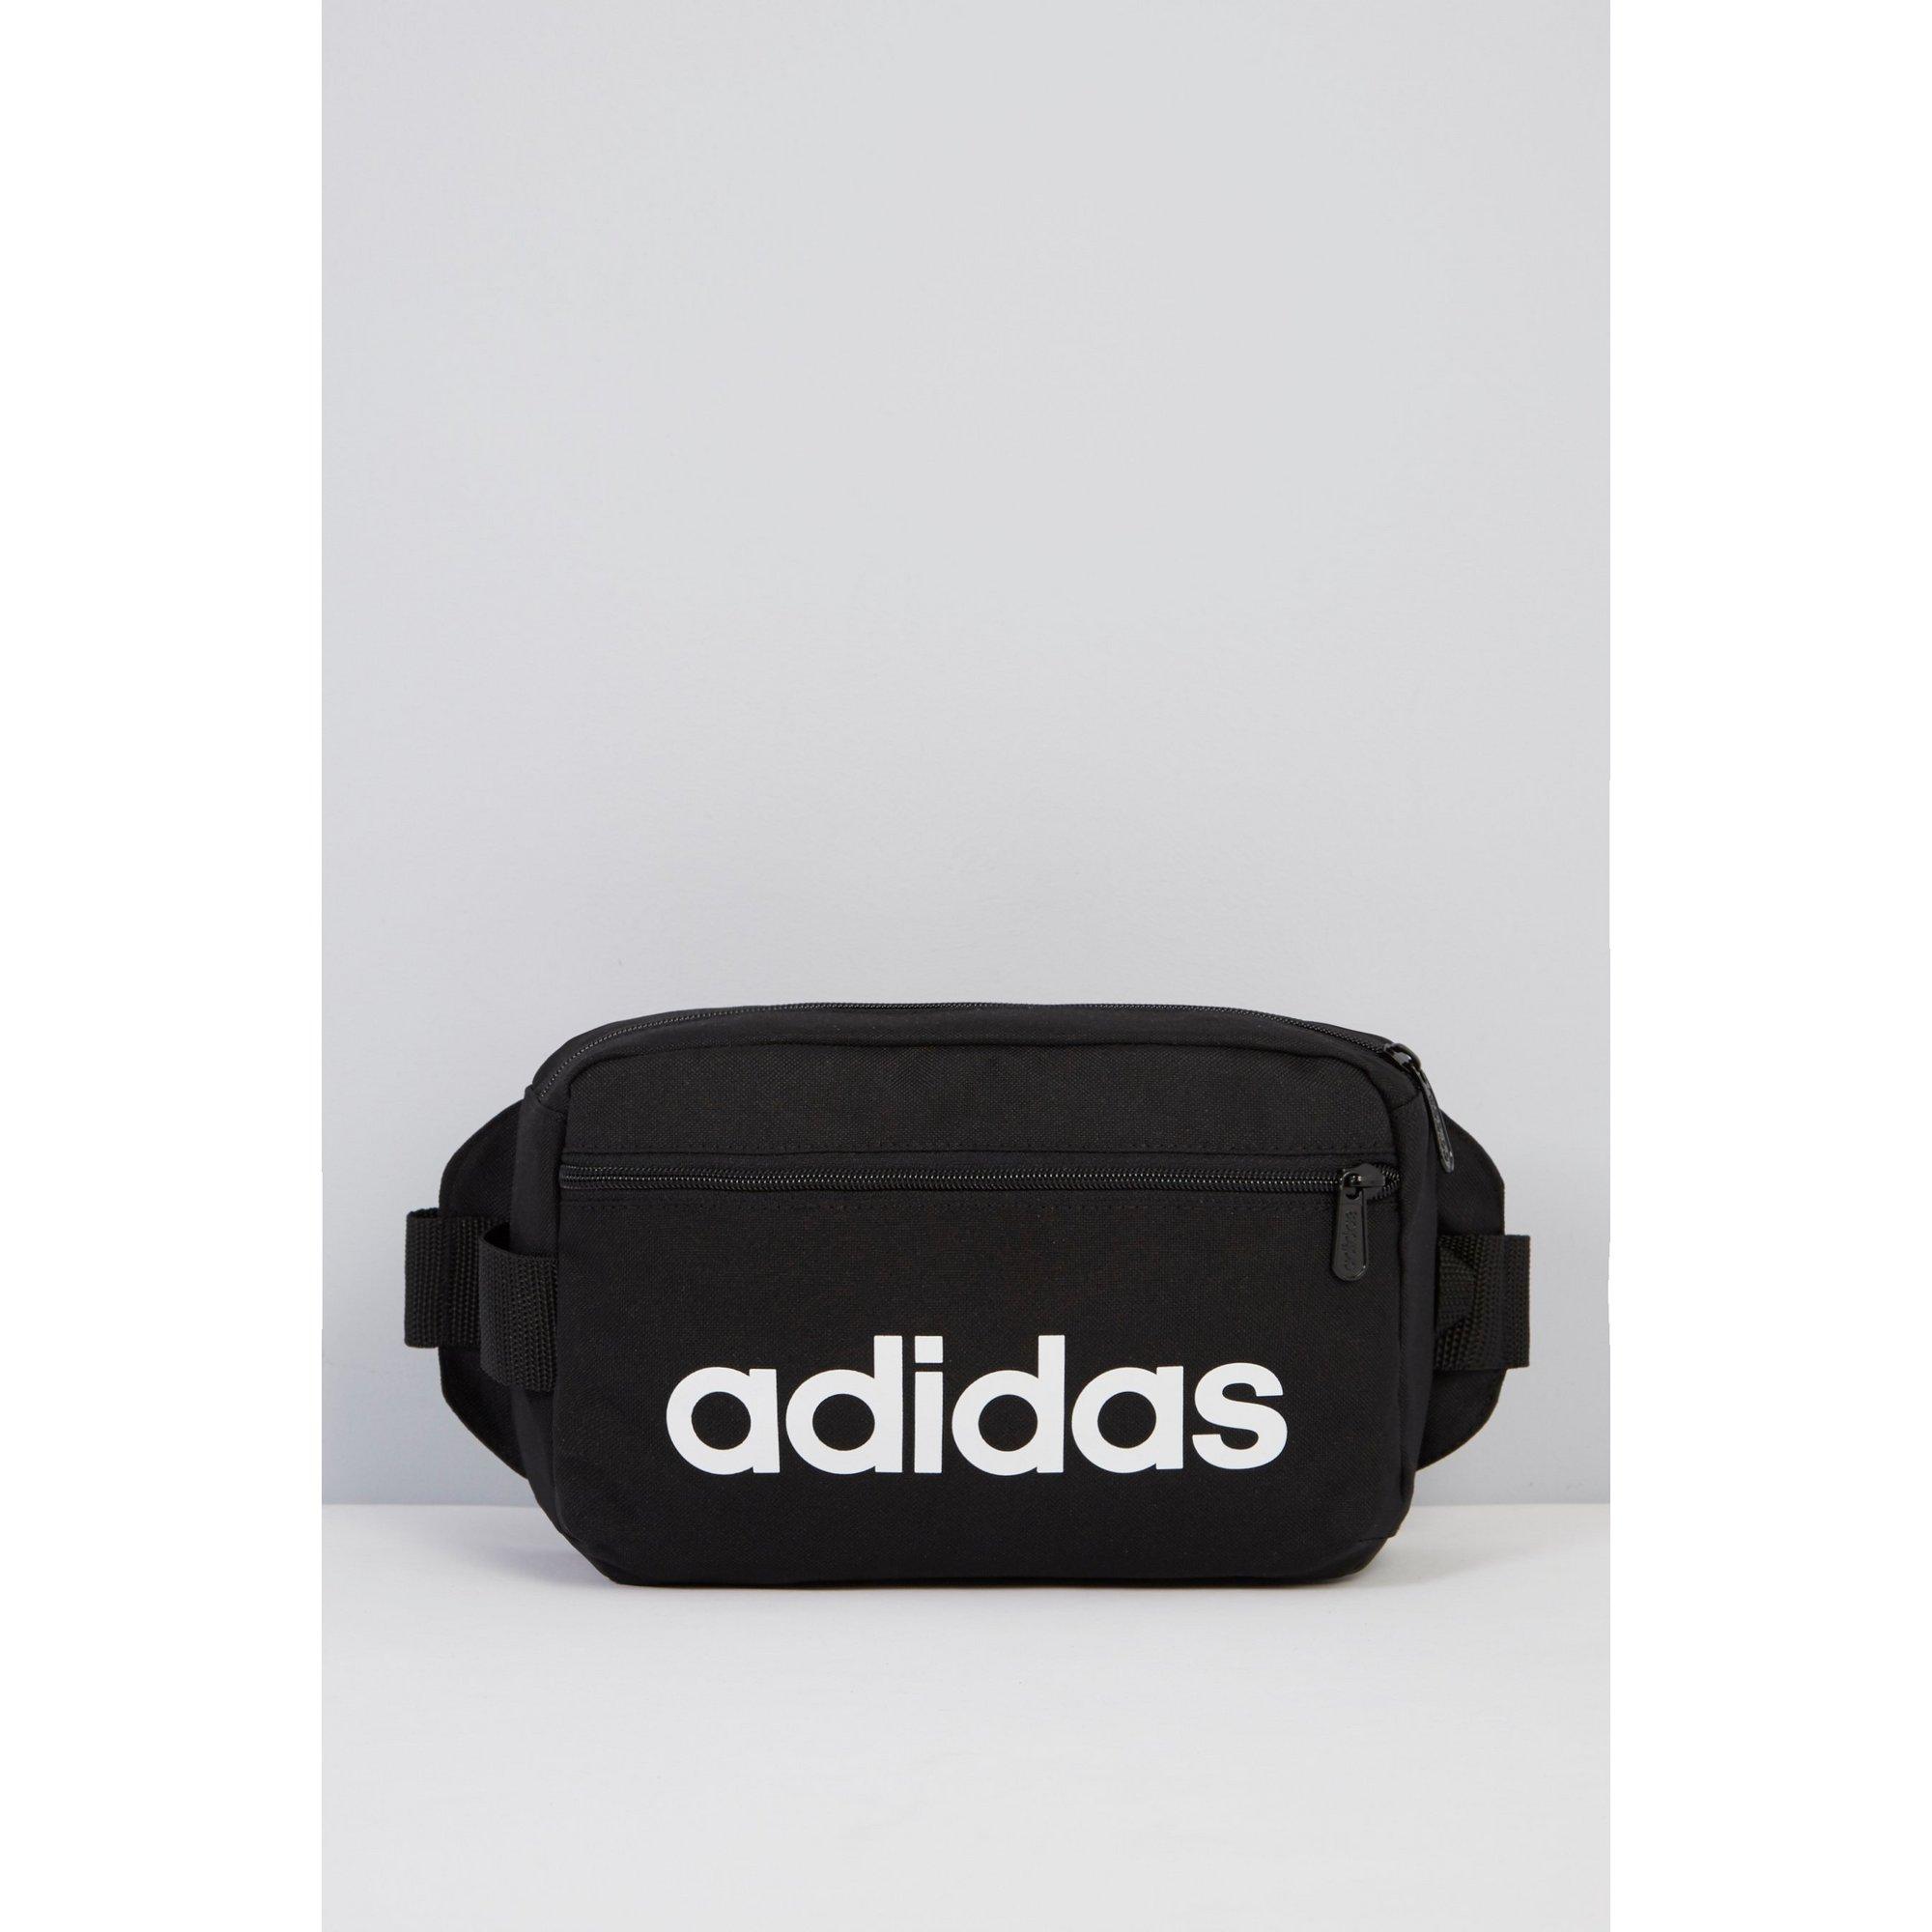 Image of adidas Essentials Waistbag